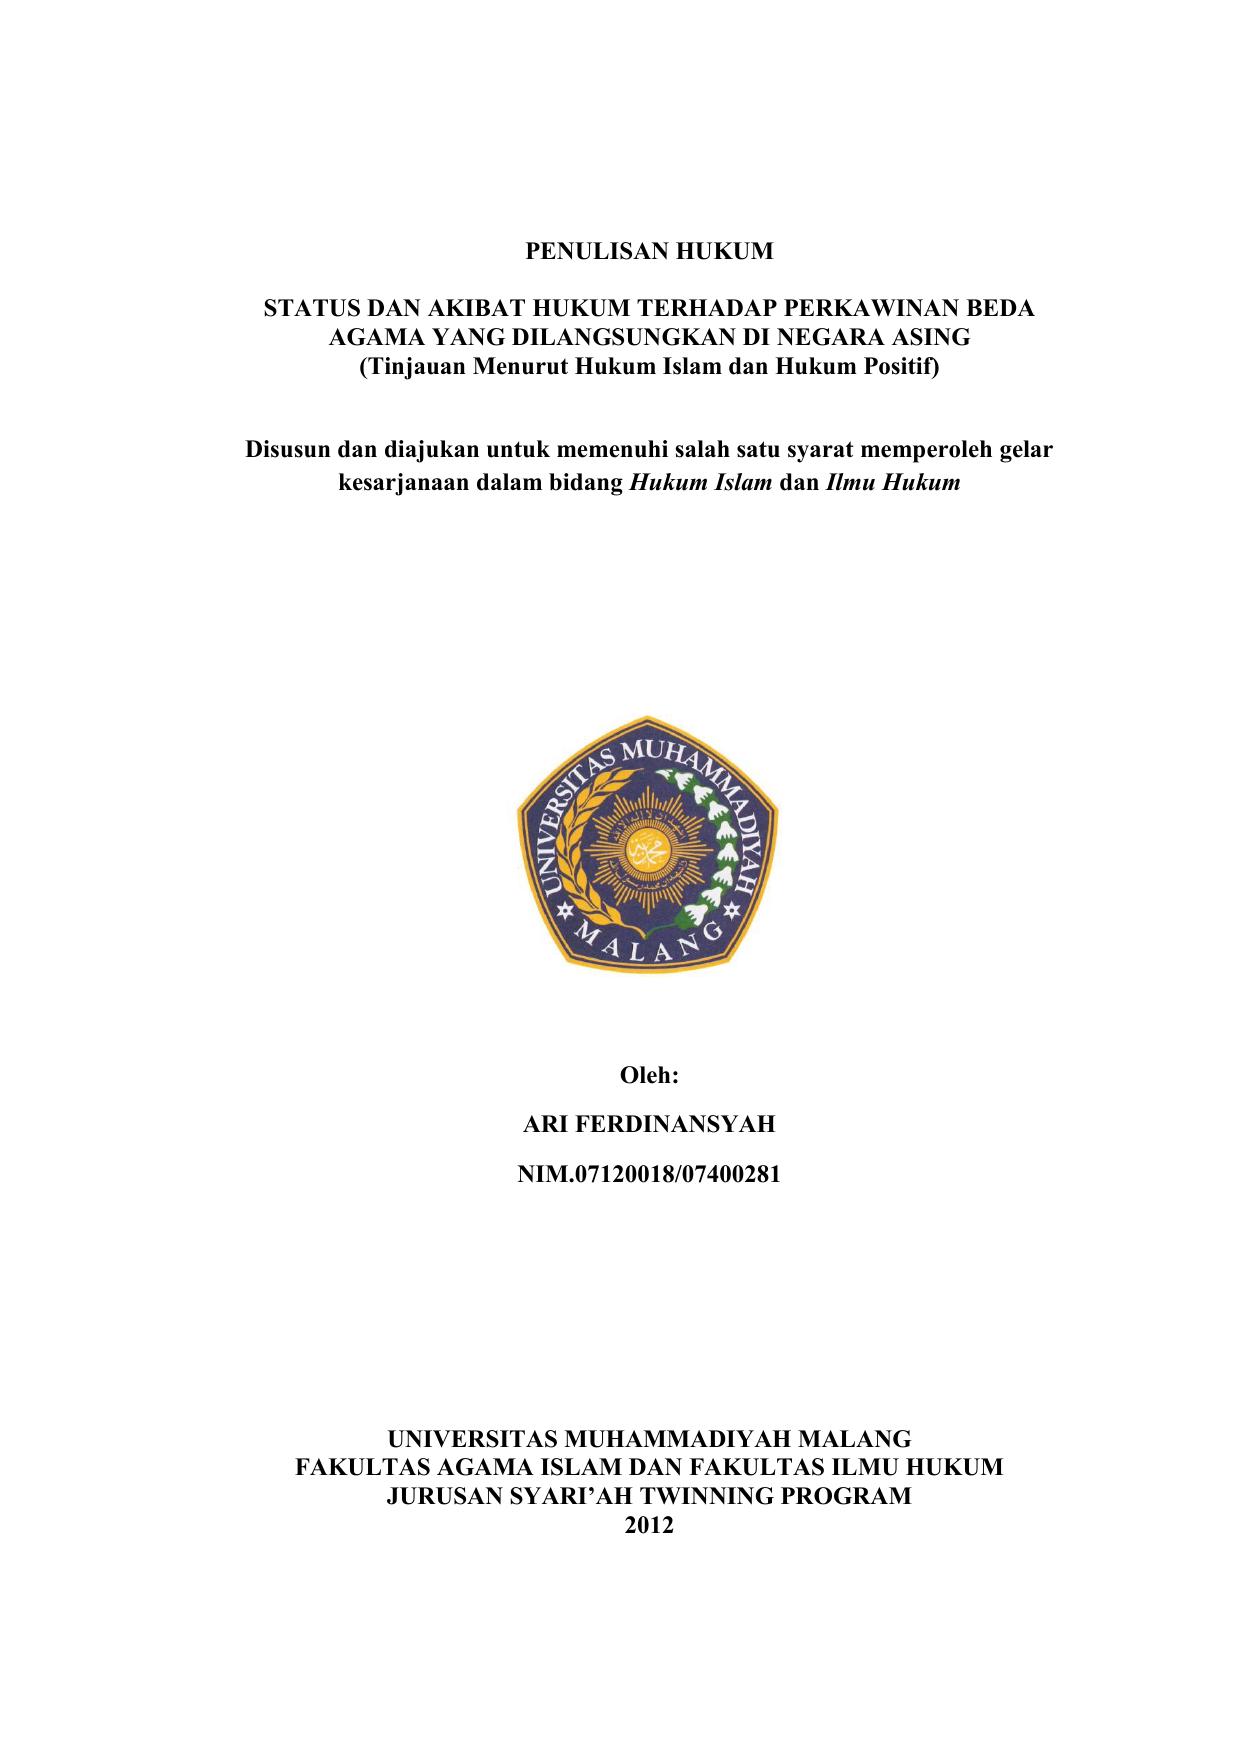 Contoh Proposal Skripsi Hukum Perdata Tentang Perkawinan Beda Agama Kumpulan Berbagai Skripsi